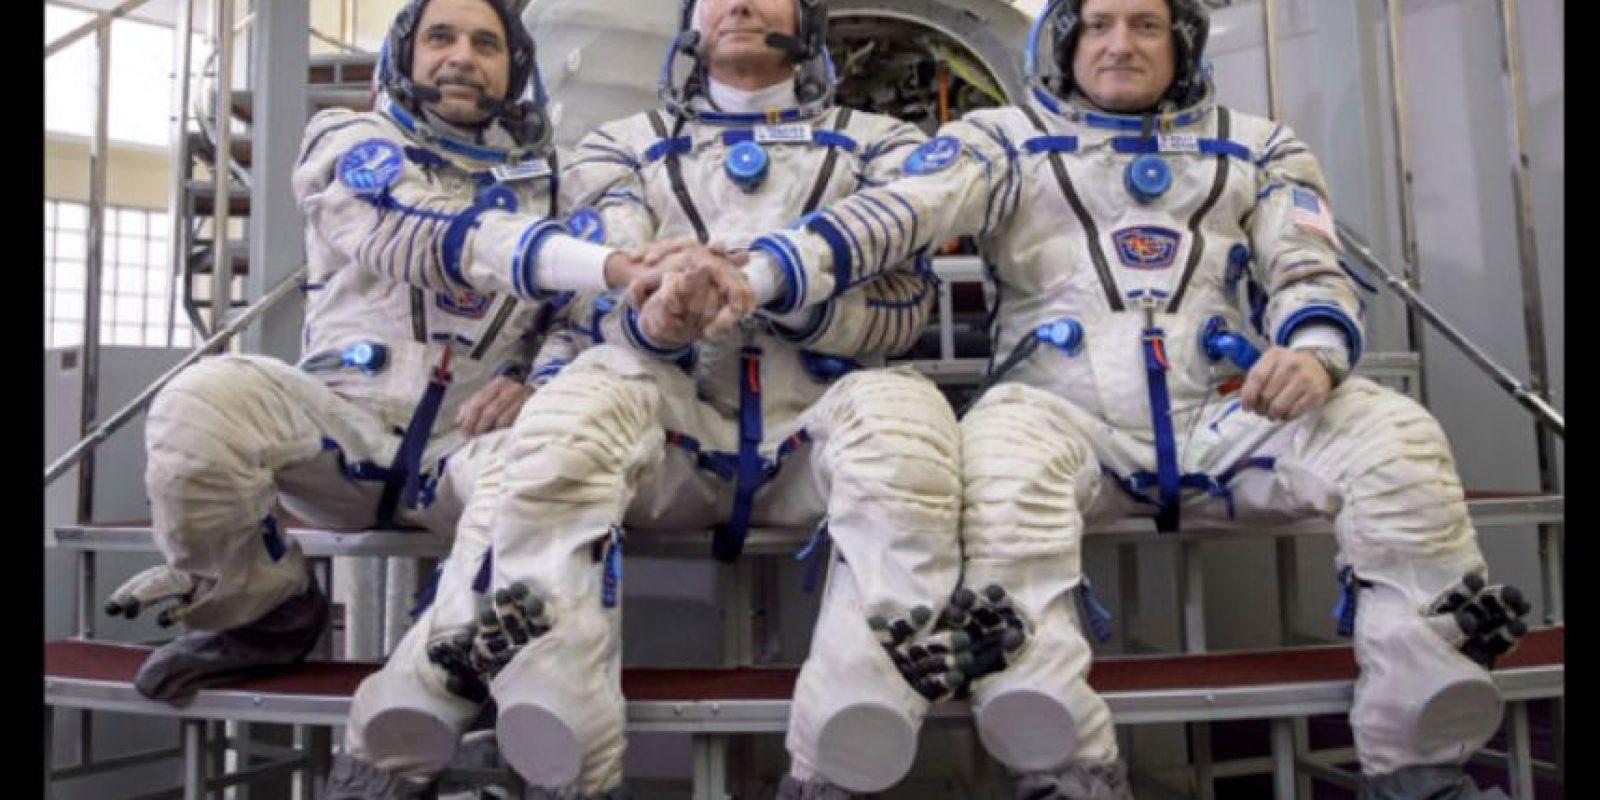 En la misión está acompañado de dos cosmonautas rusos. Foto:Vía nasa.gov